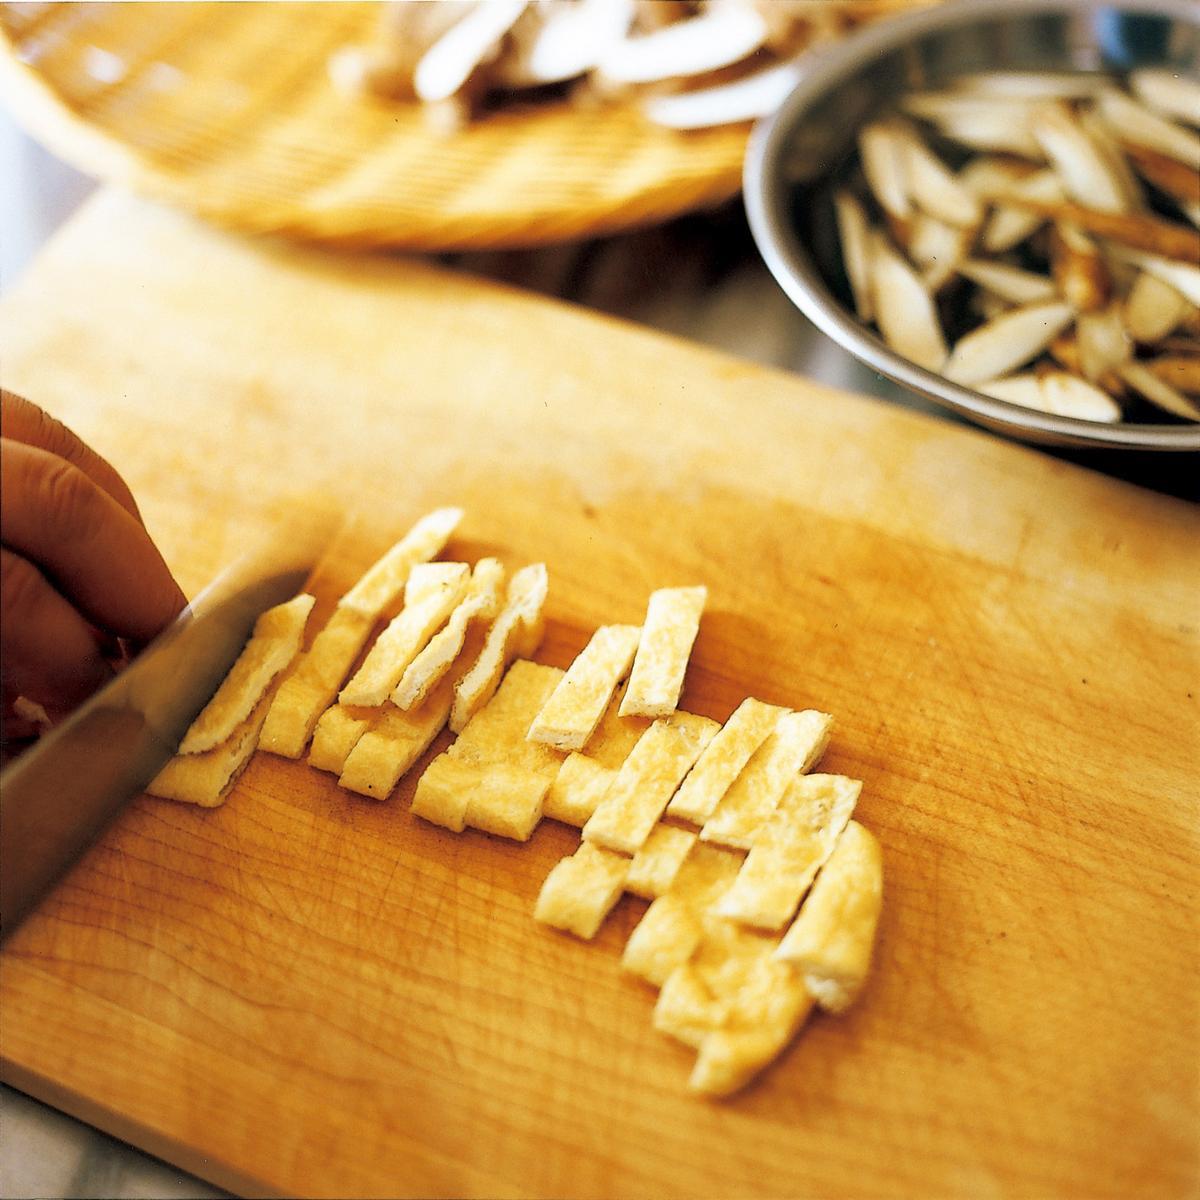 油豆腐皮對半切開,再切成1公分寬的長條。